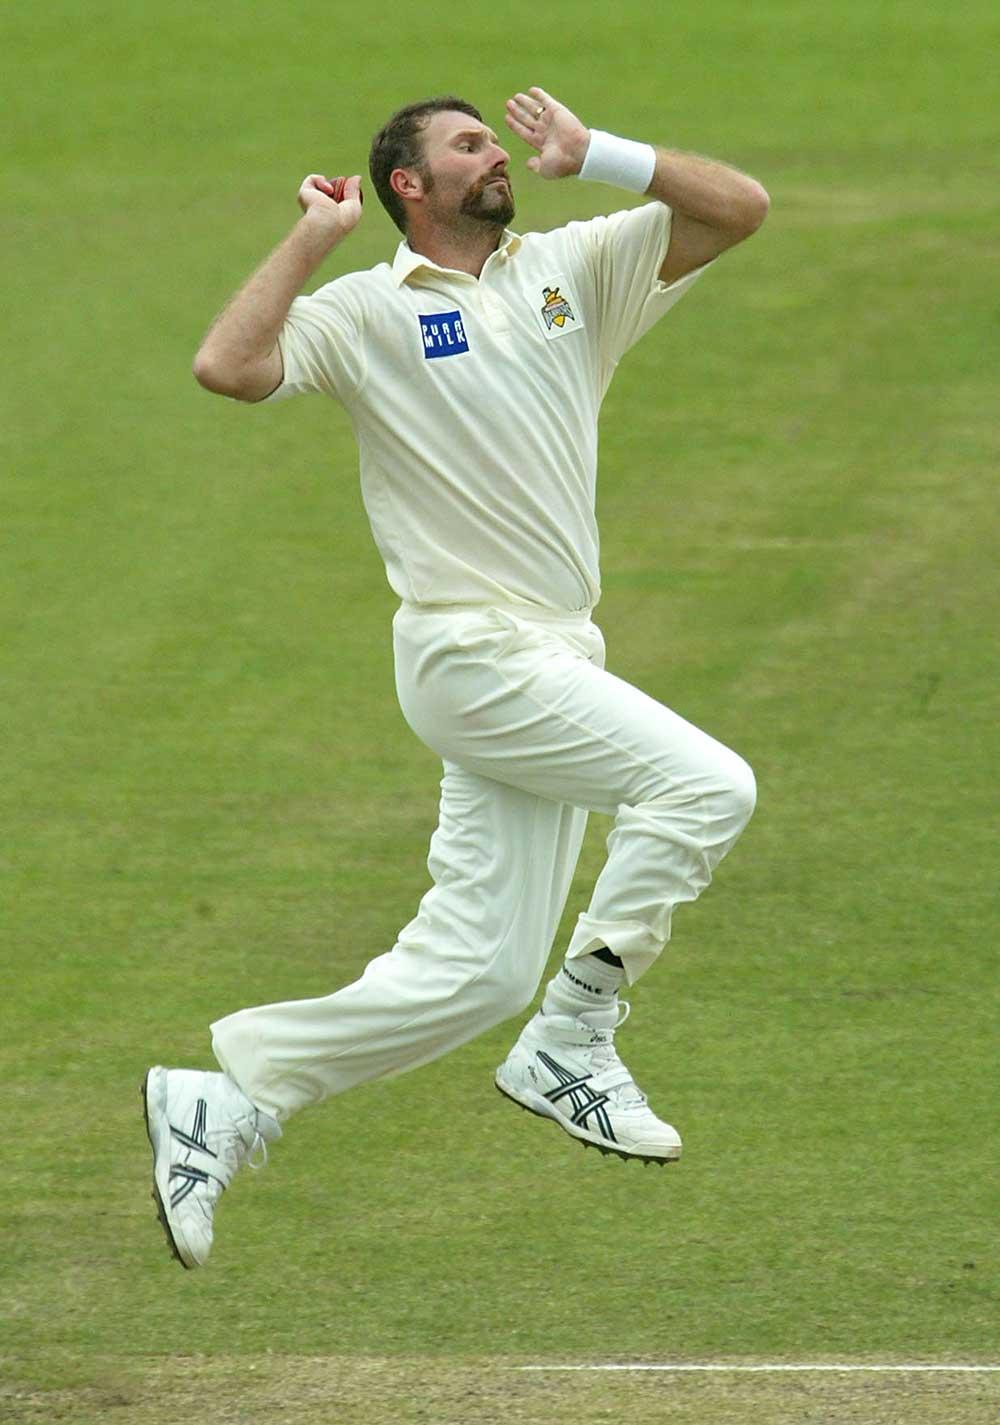 Paul 'Blocker' Wilson in action for WA in 2003 // Getty